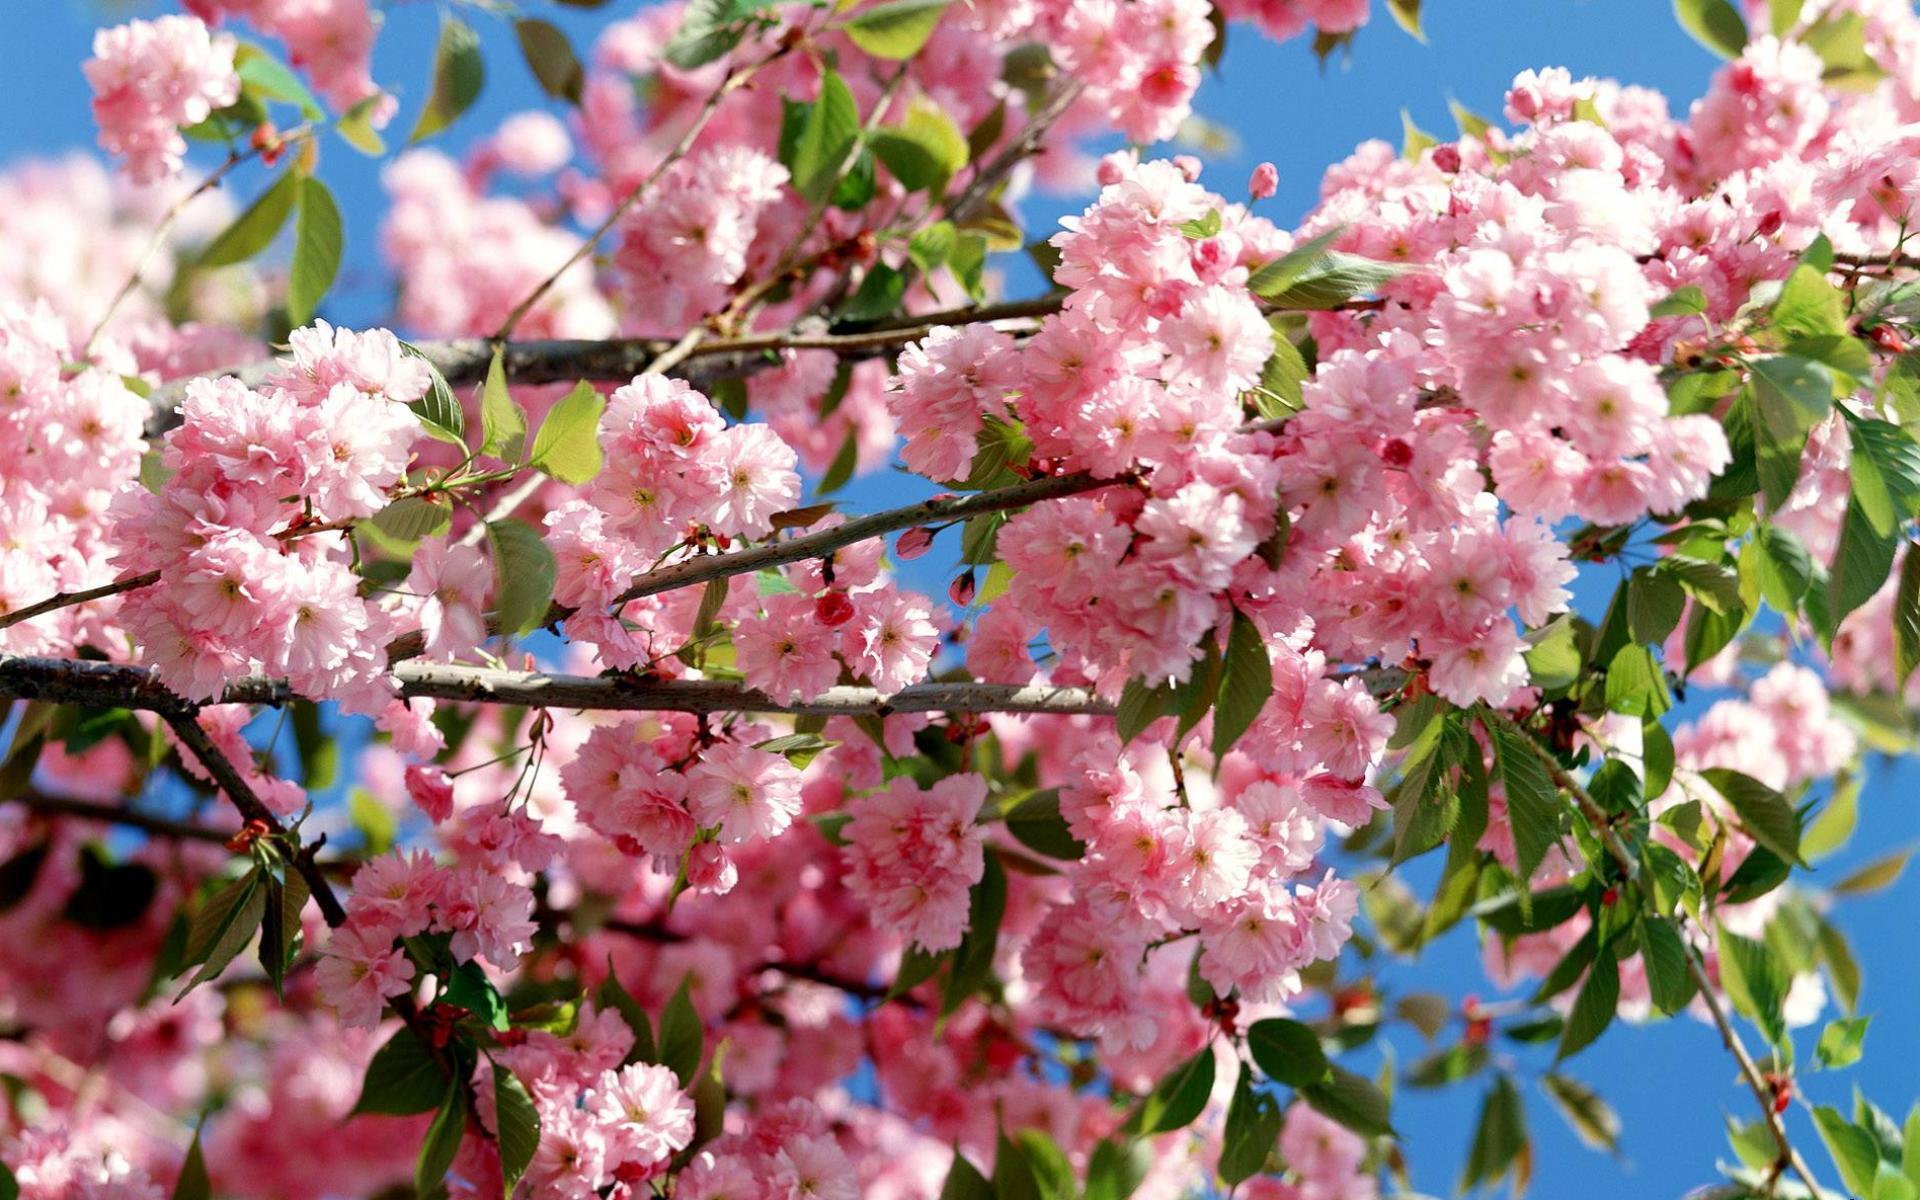 Скачать обои нежно розовые цветы 1920x1200